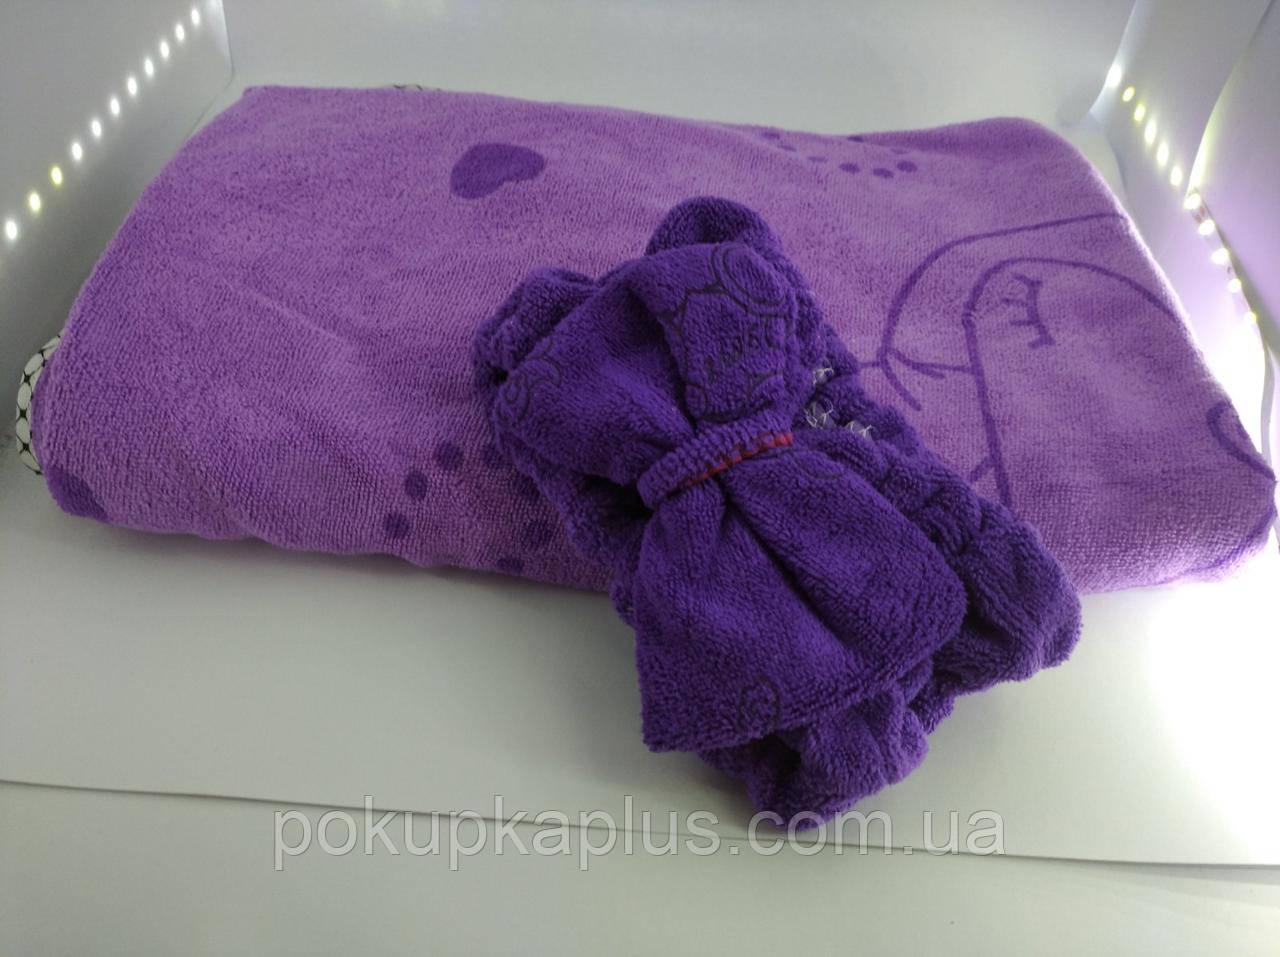 Женское полотенце халат + повязка микрофибра (034453) Фиолет